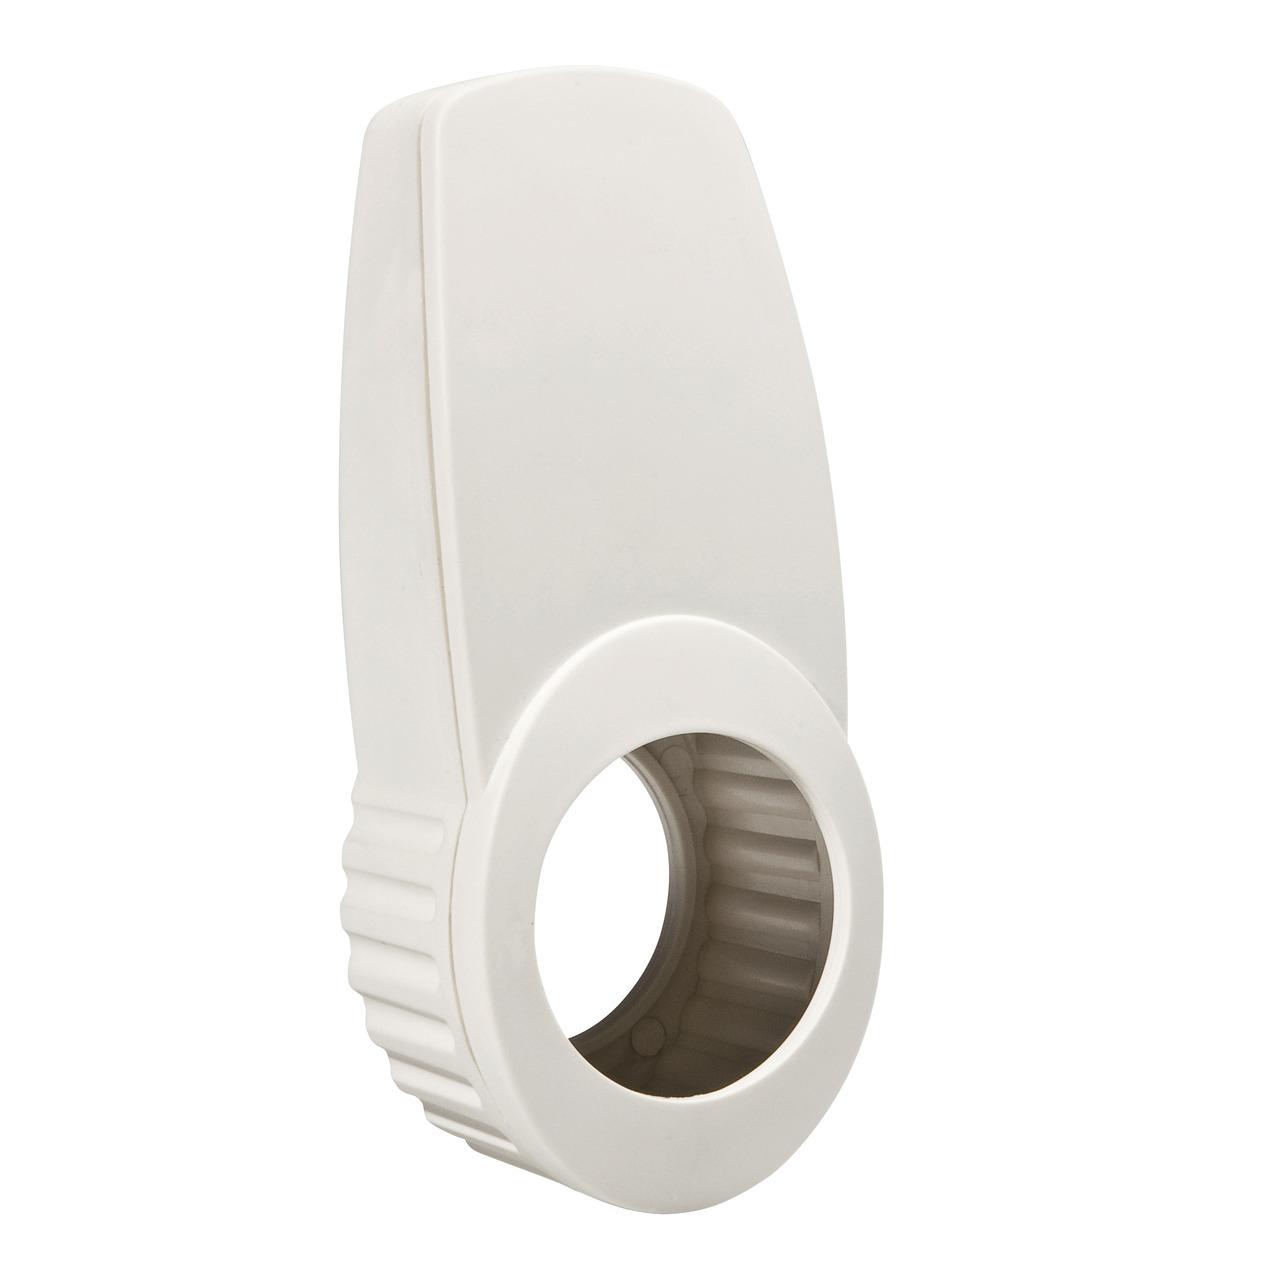 ELV-Design-Stecker-Steckdosen-Gehäuse OM 54 A- Basisgehäuse ohne Taster/Leuchtfelder